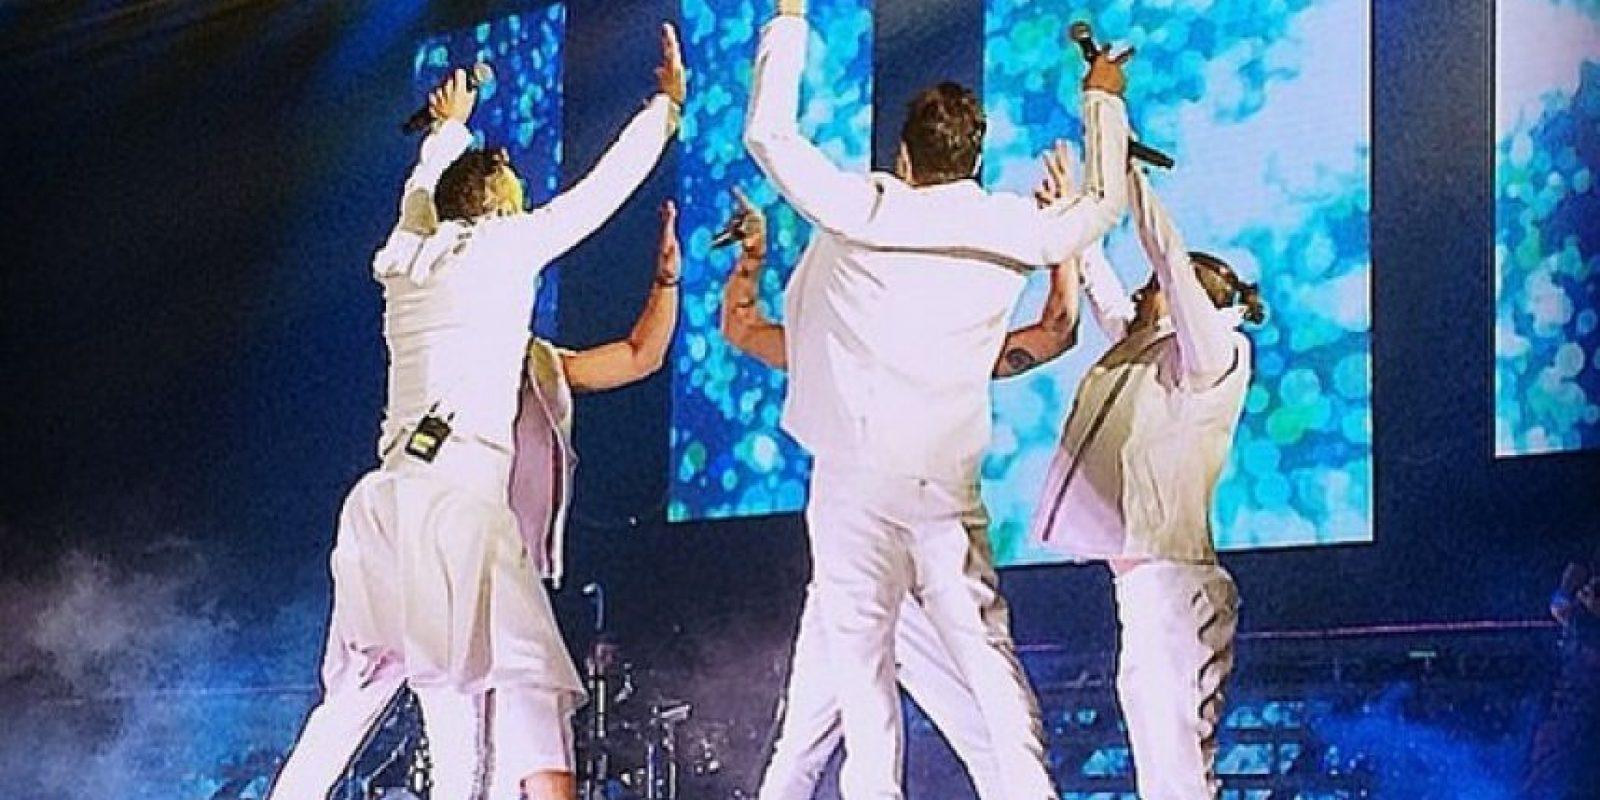 Integrante de la banda mexicana OV7, olvidó ponerse cinturón y perdió los pantalones en pleno concierto Foto:Instagram/Ariborovoy